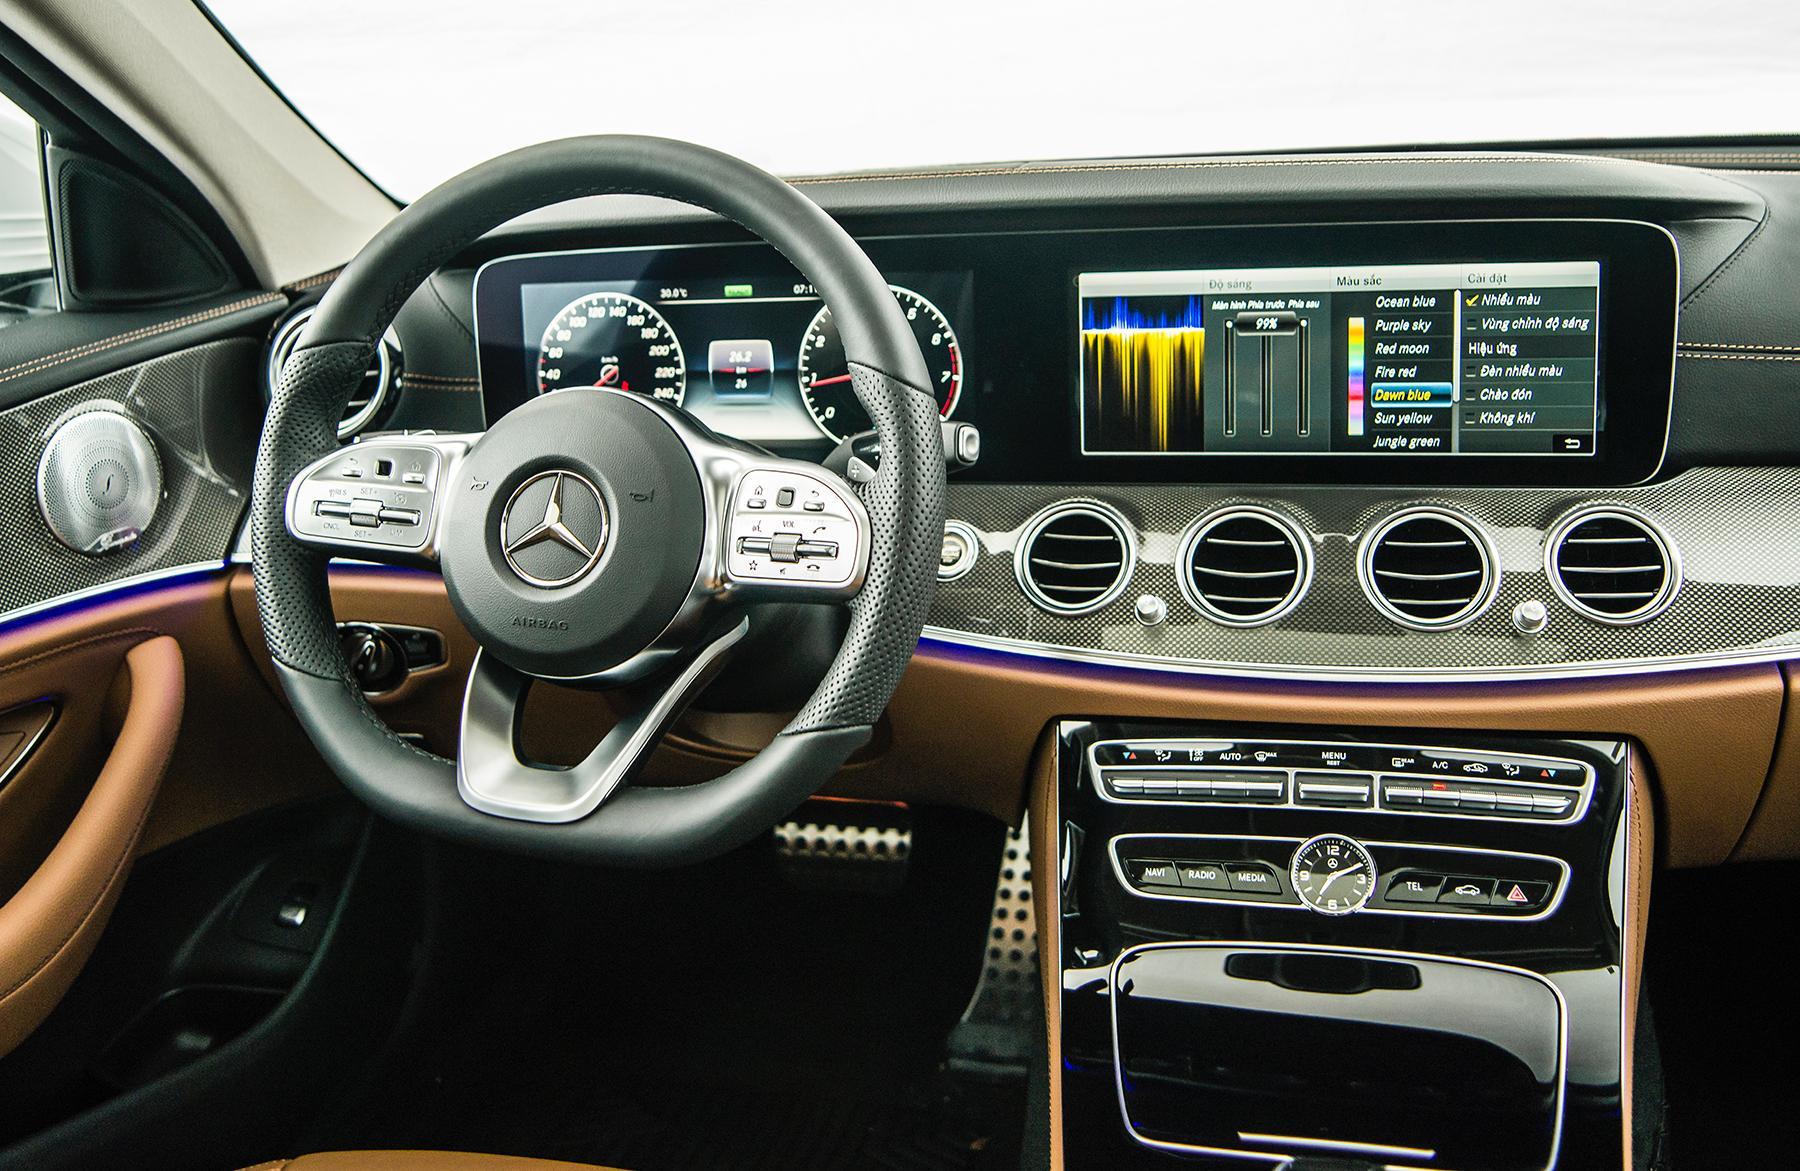 Mercedes-Benz E 350 AMG - phiên bản mạnh nhất dòng E-Class có giá 2,89 tỉ đồng - 23